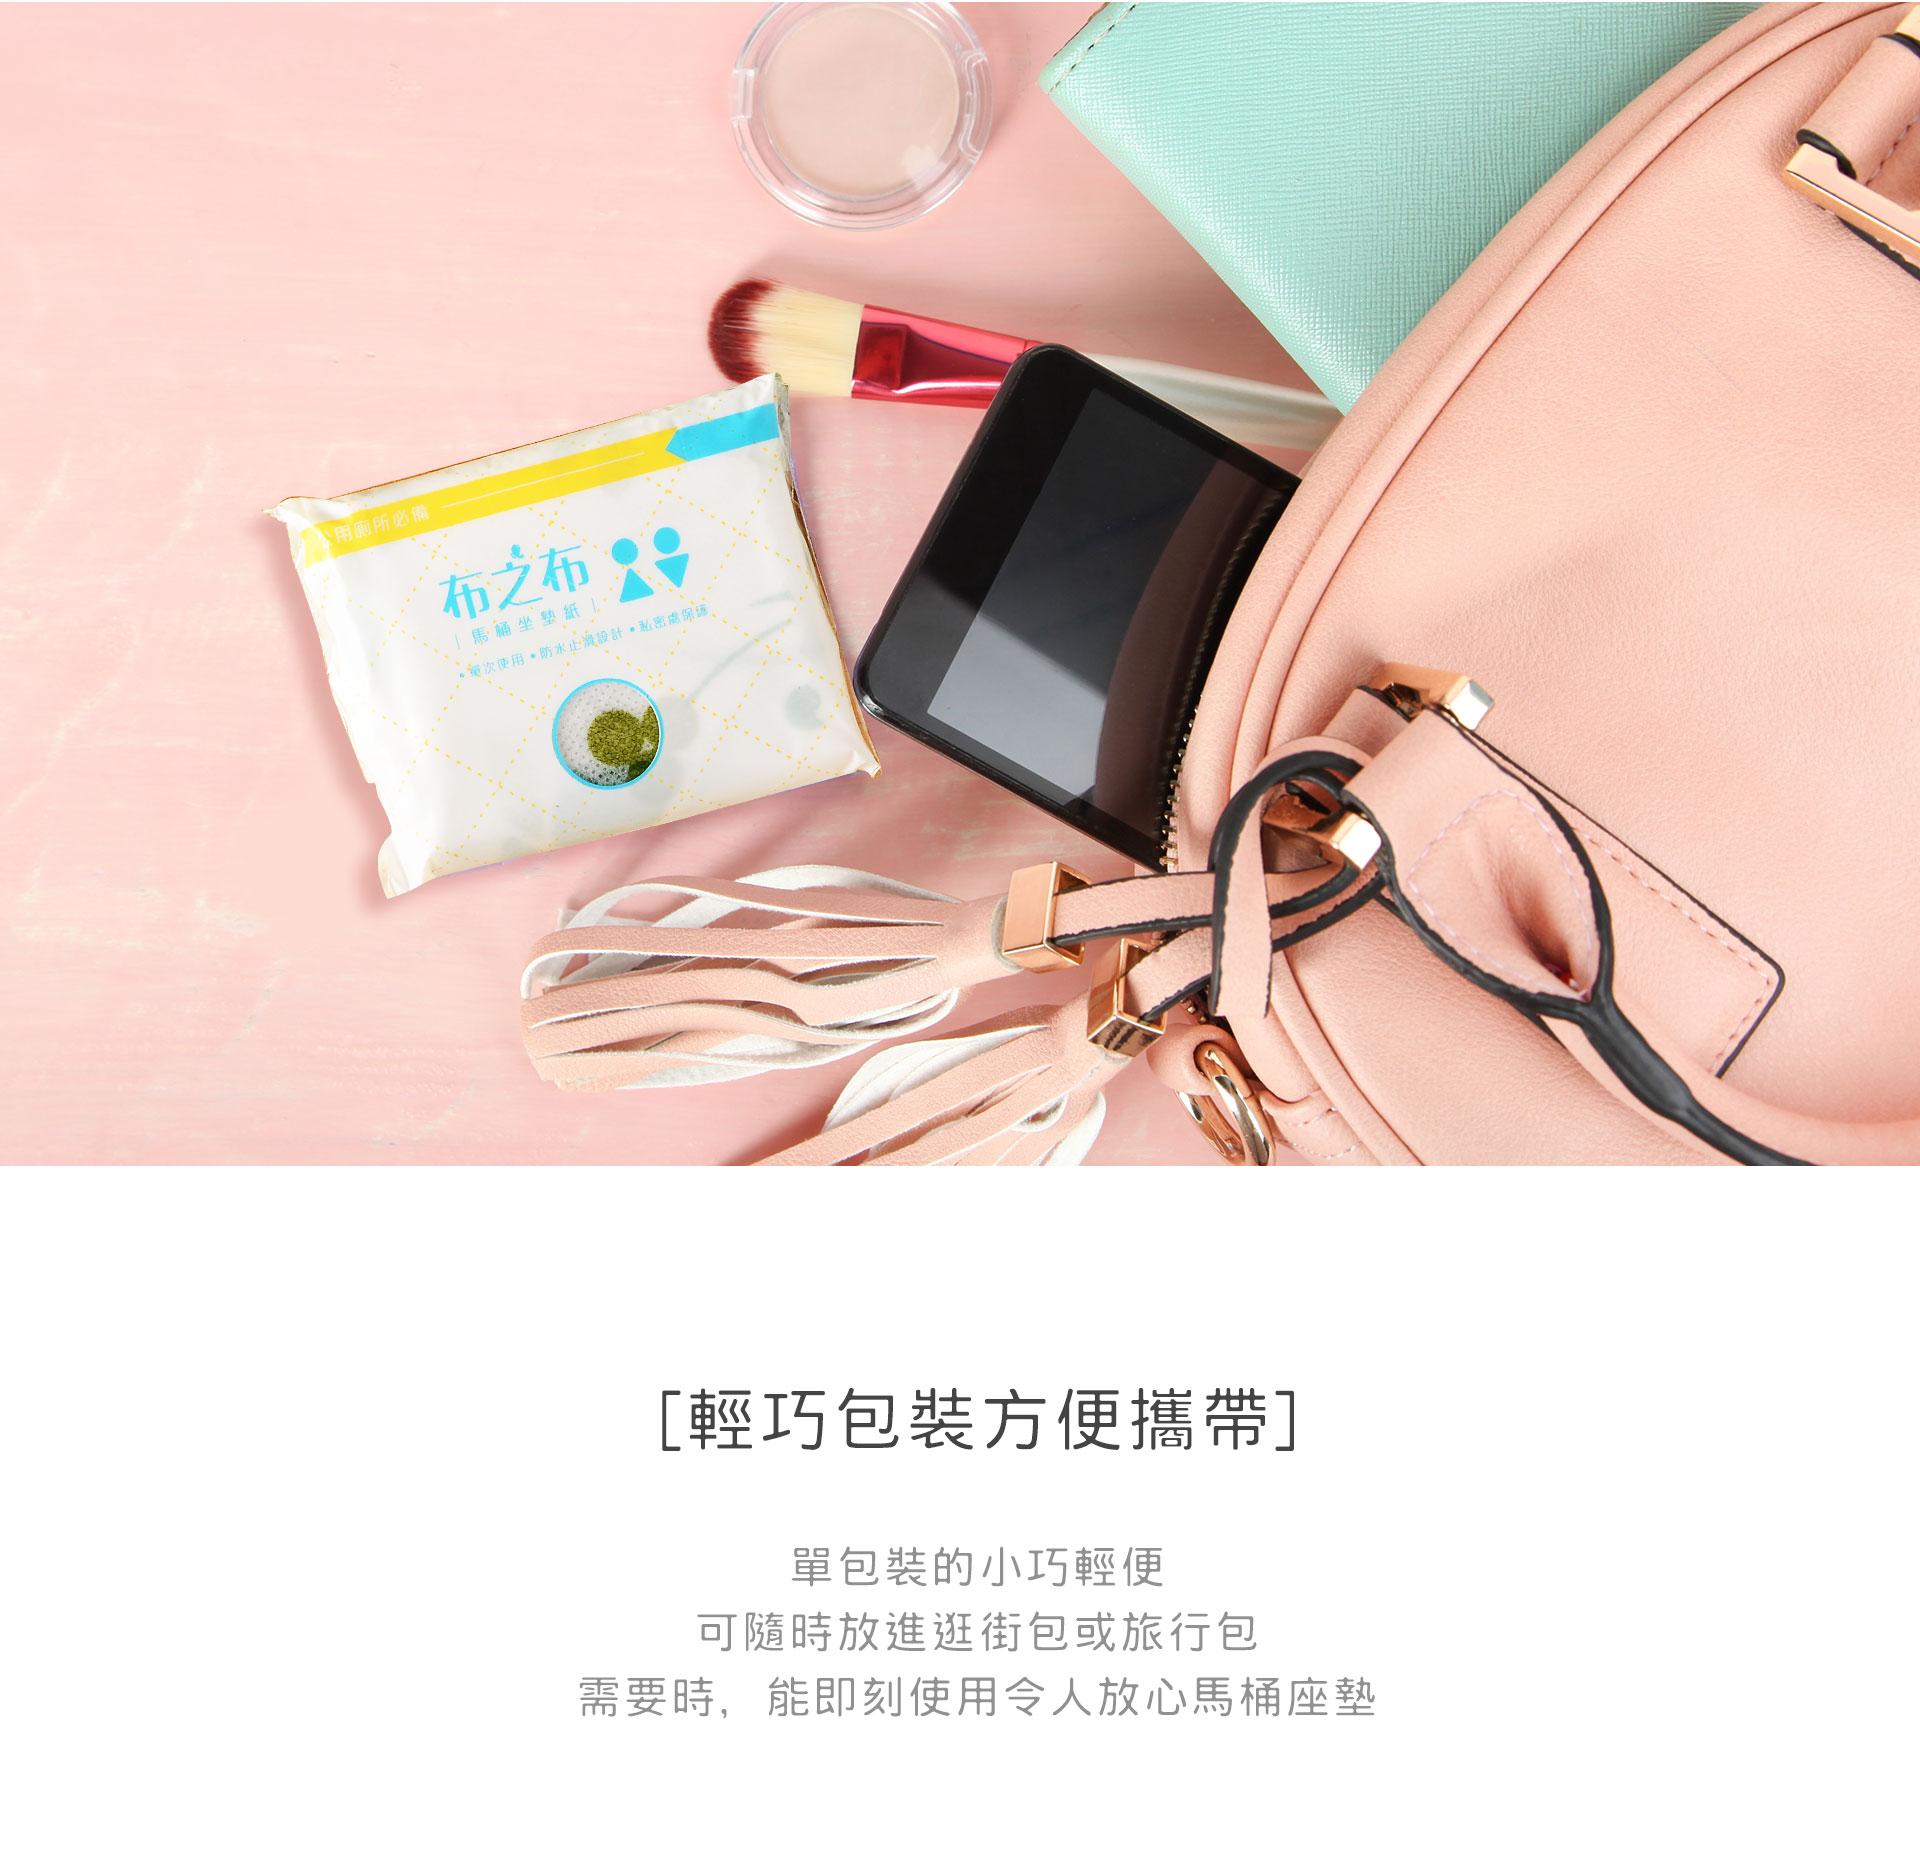 大漢科技-布之布網站用圖